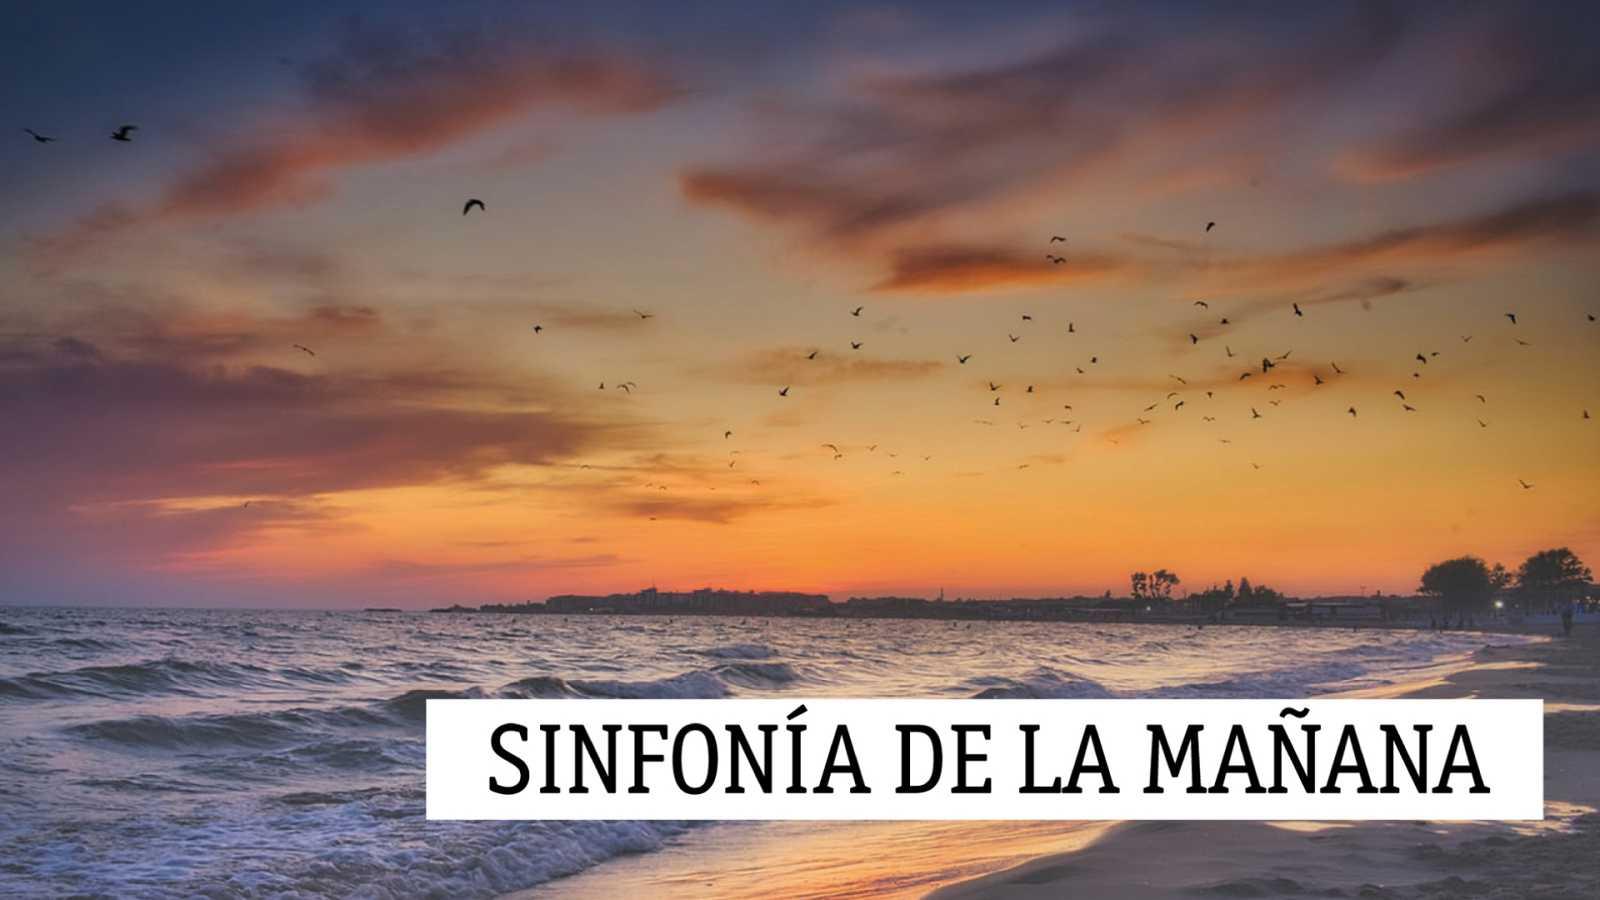 """Sinfonía de la mañana - Sinfonía de campaña: Música """"en rosa"""" - 27/05/20 - escuchar ahora"""